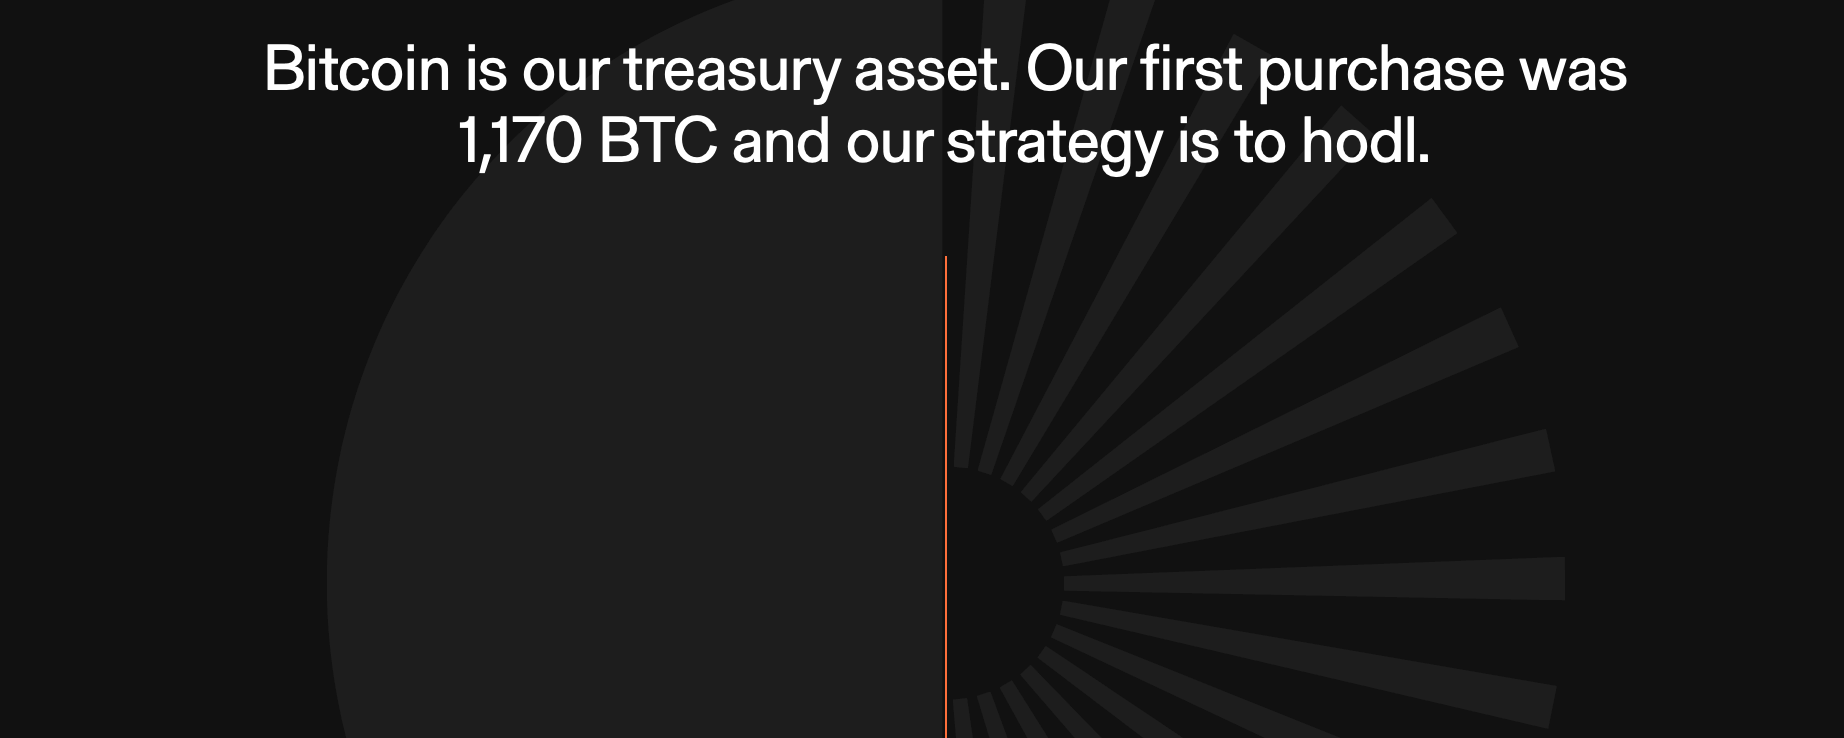 Seetee биткоин инвестиции